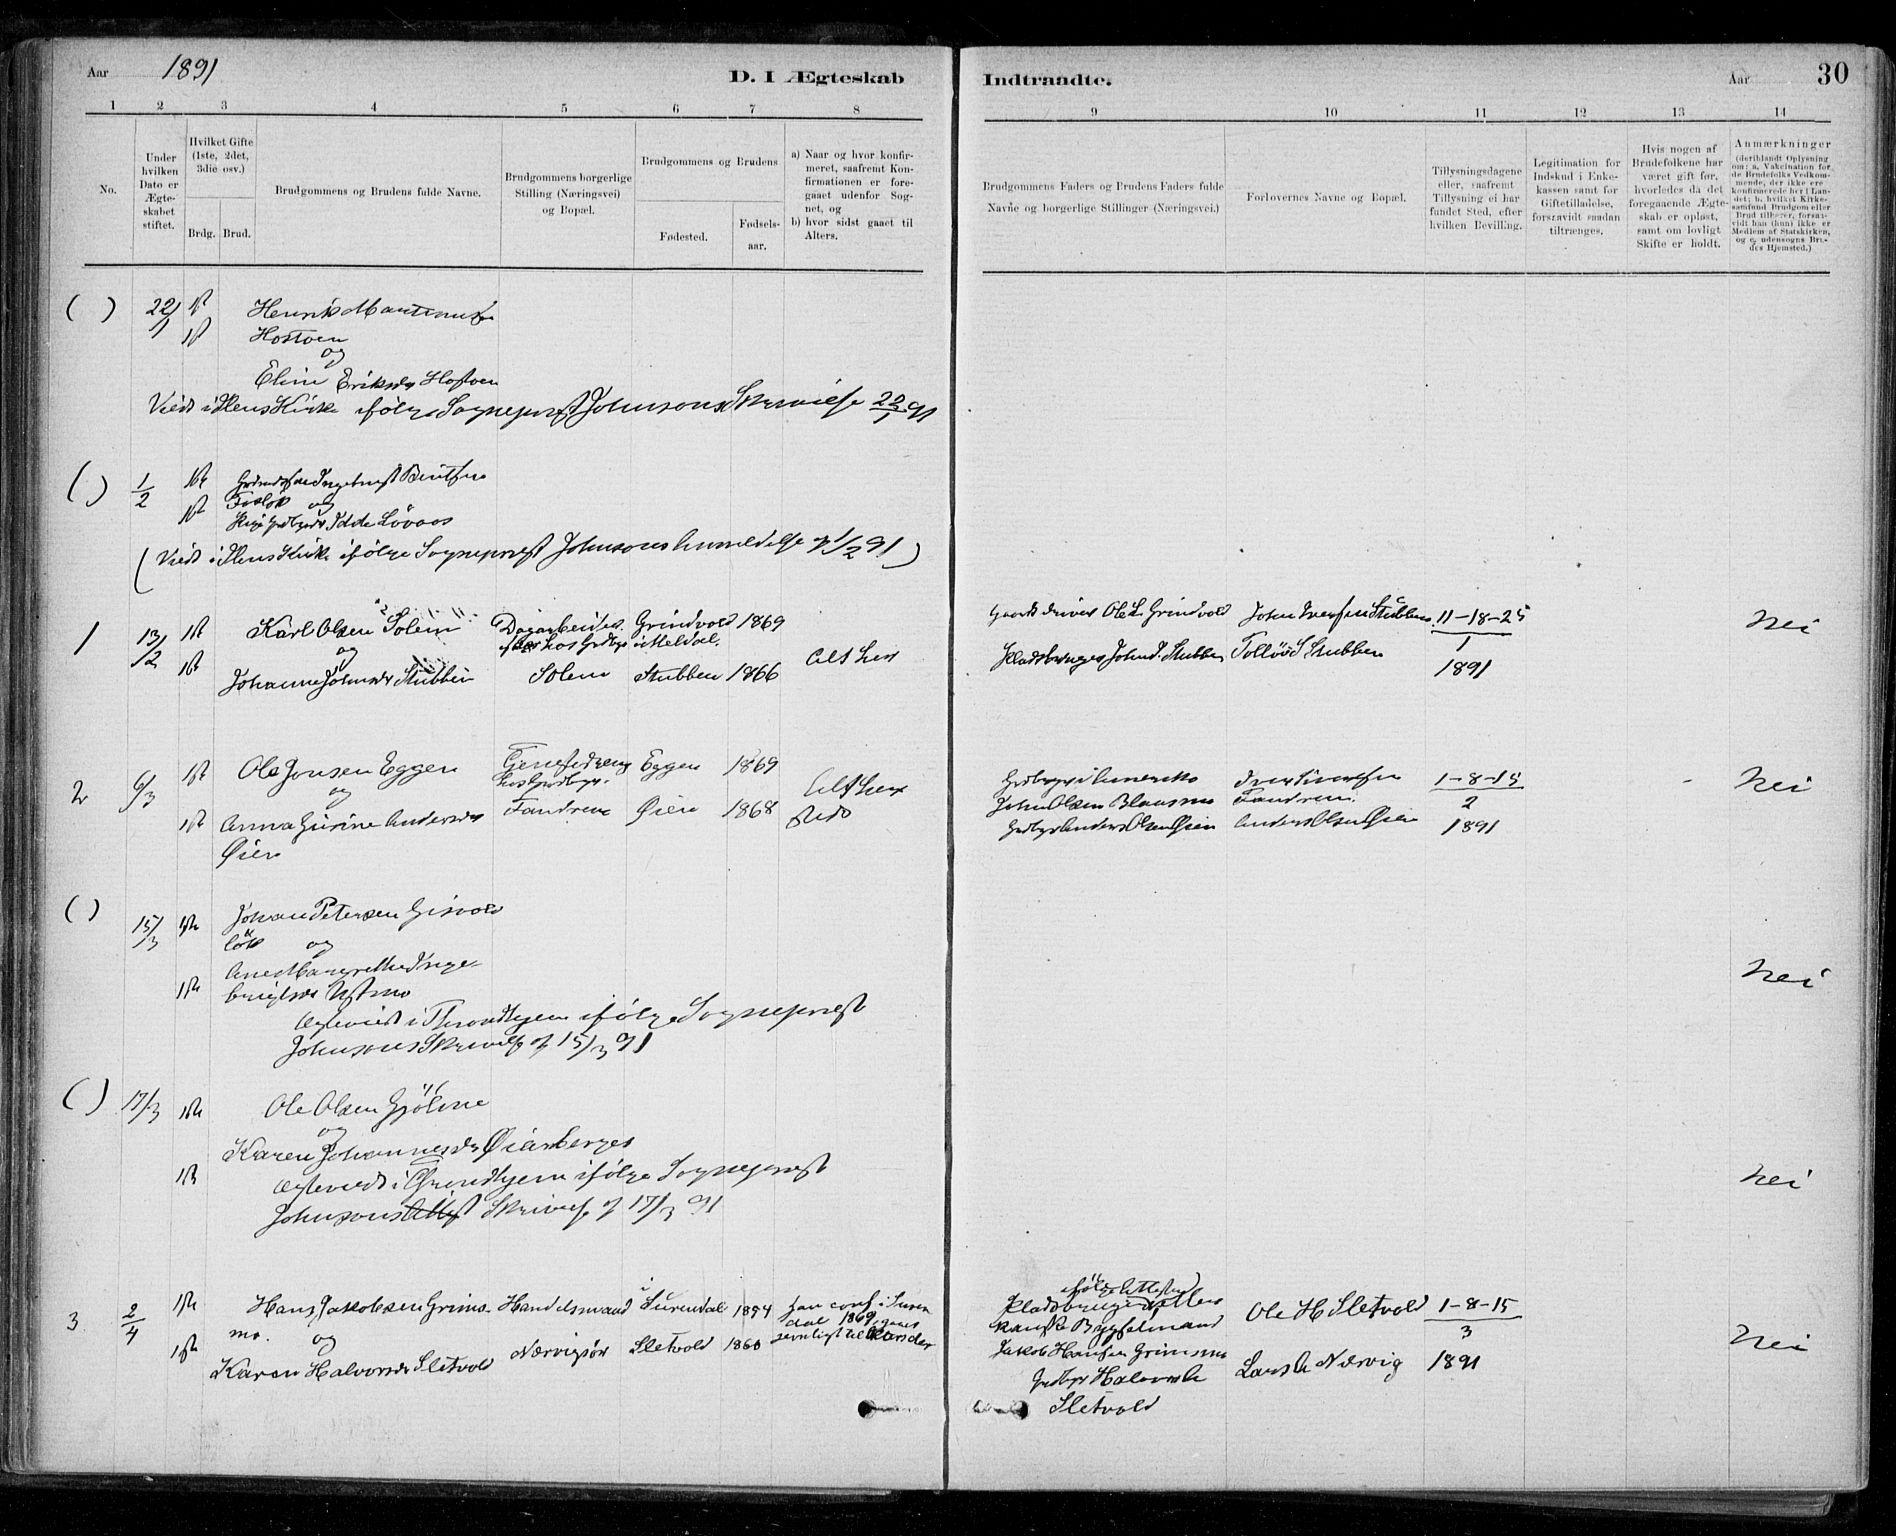 SAT, Ministerialprotokoller, klokkerbøker og fødselsregistre - Sør-Trøndelag, 668/L0810: Ministerialbok nr. 668A10, 1881-1894, s. 30